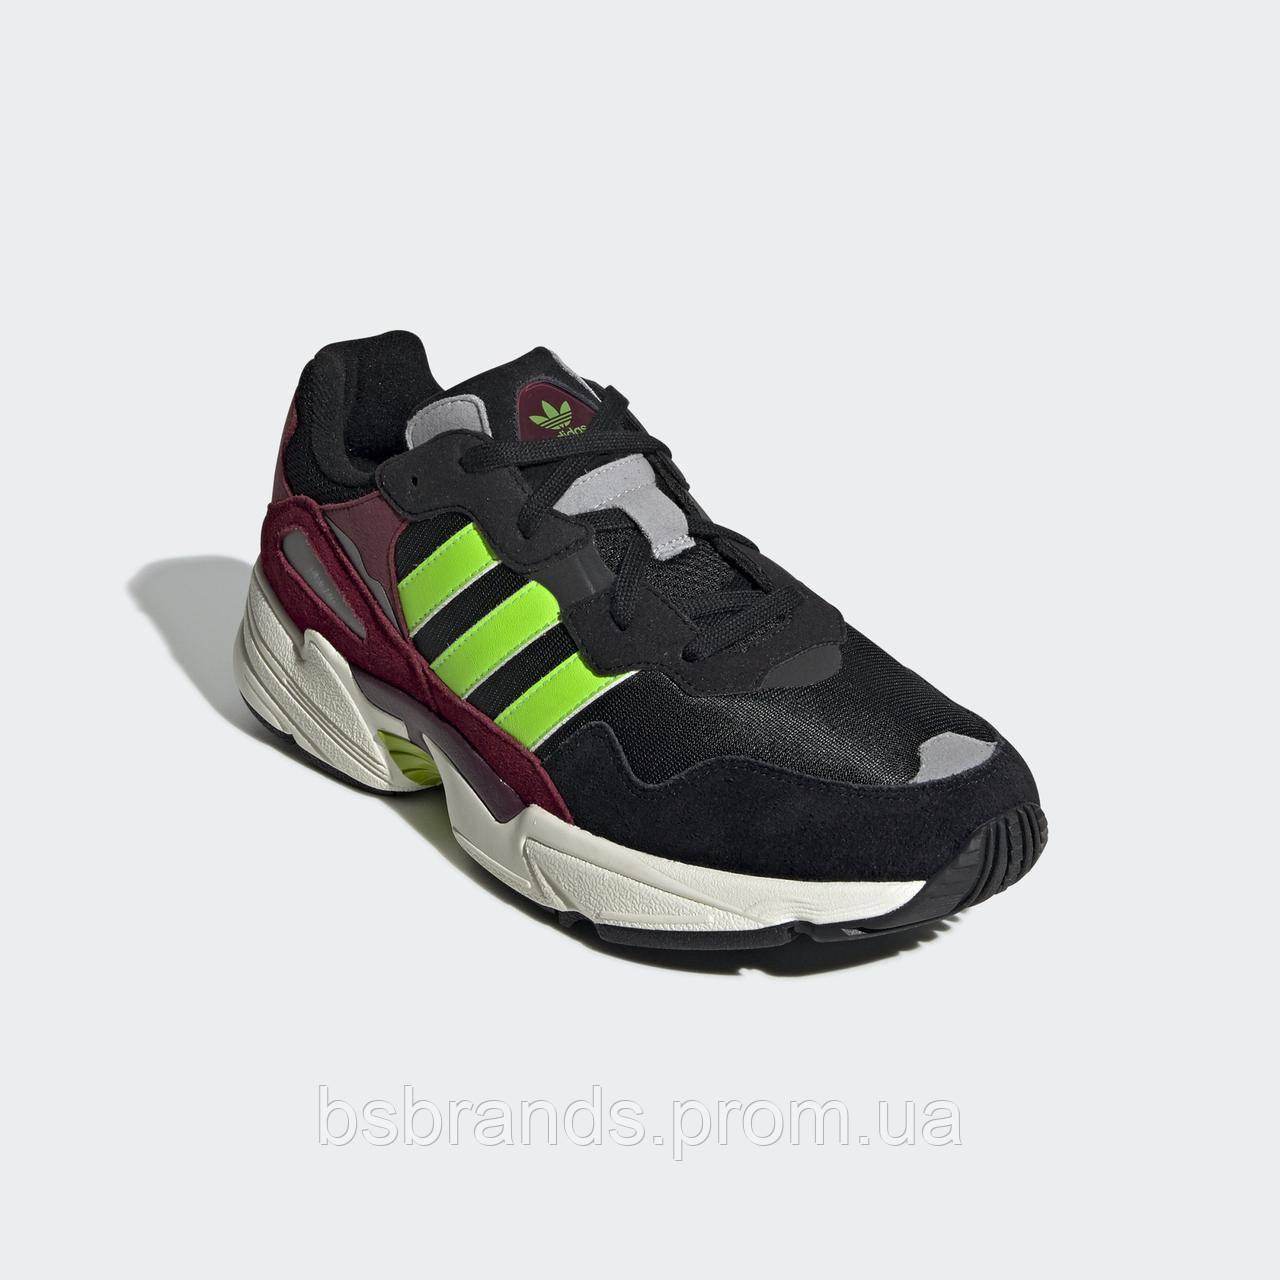 Чоловічі кросівки adidas Yung-96 EE7247